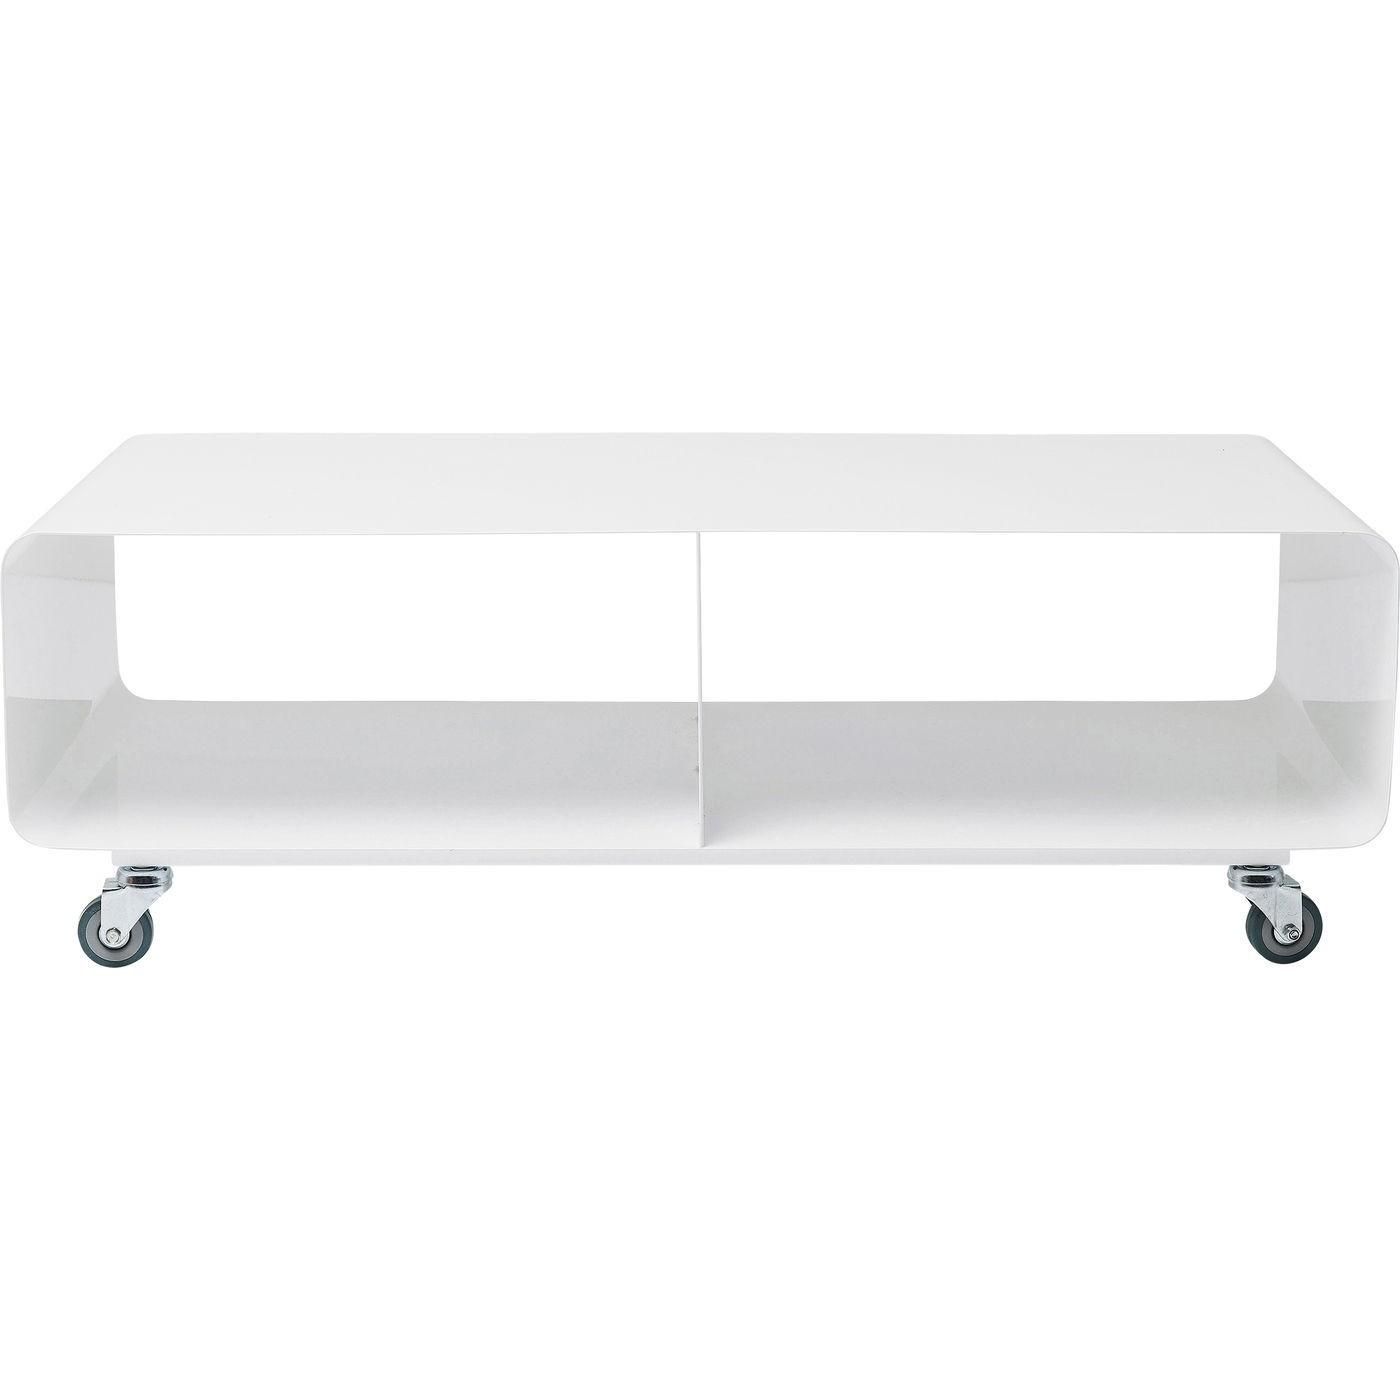 kare design – Kare design lounge tv-bord med hjul, lounge, hvid på boboonline.dk